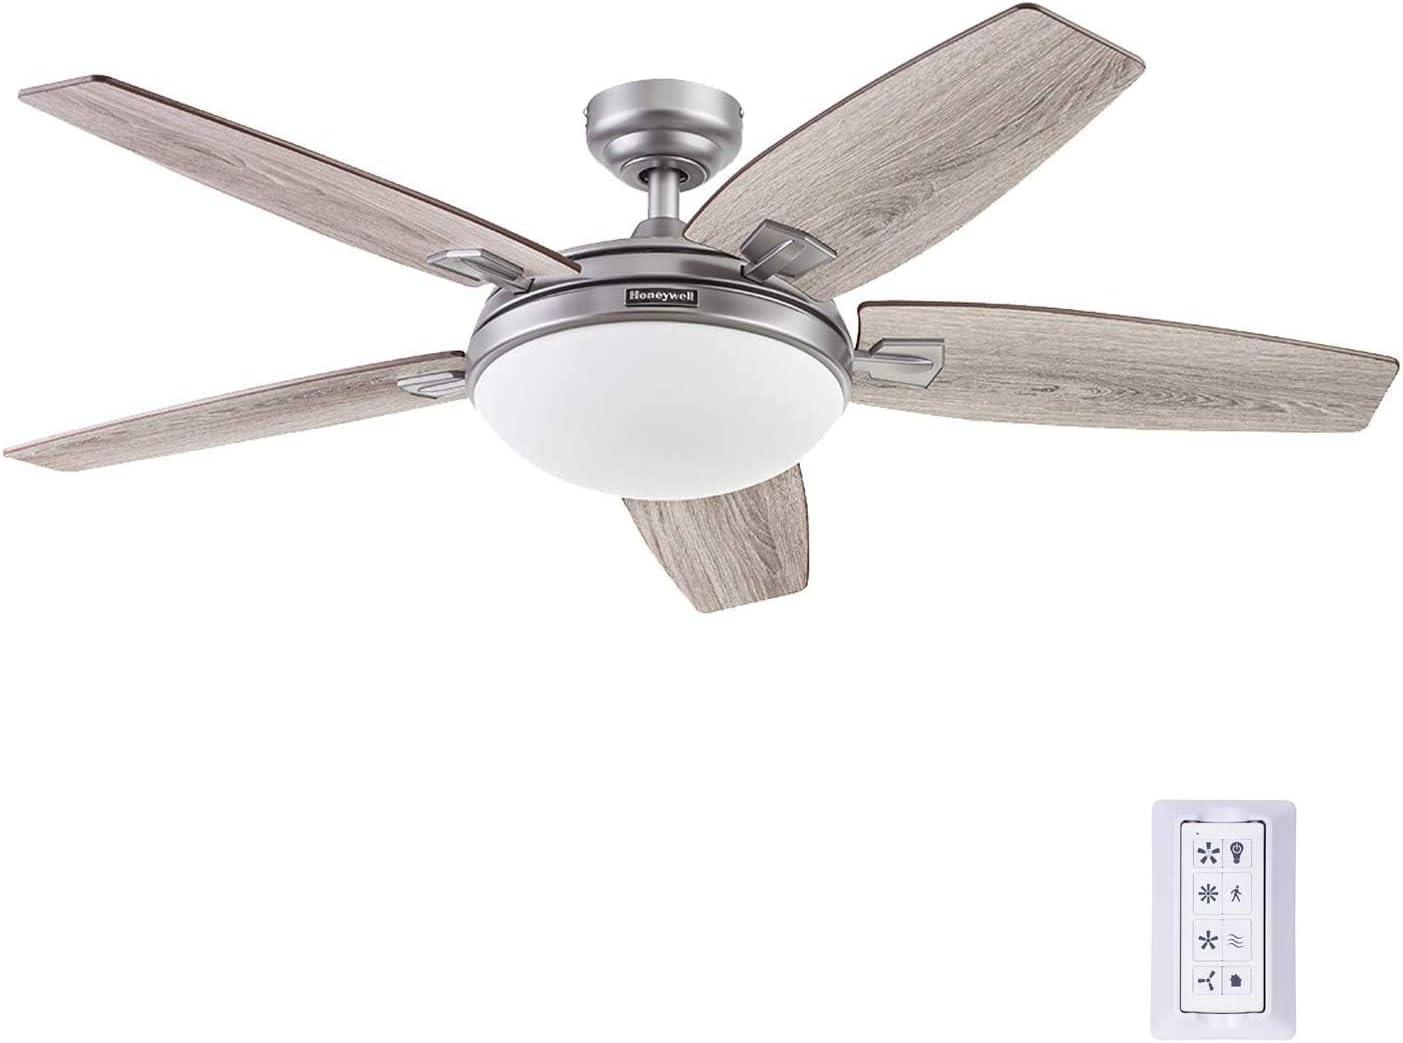 Honeywell Ceiling Fans 51627-01 Carmel Ceiling Fan, 48, Pewter